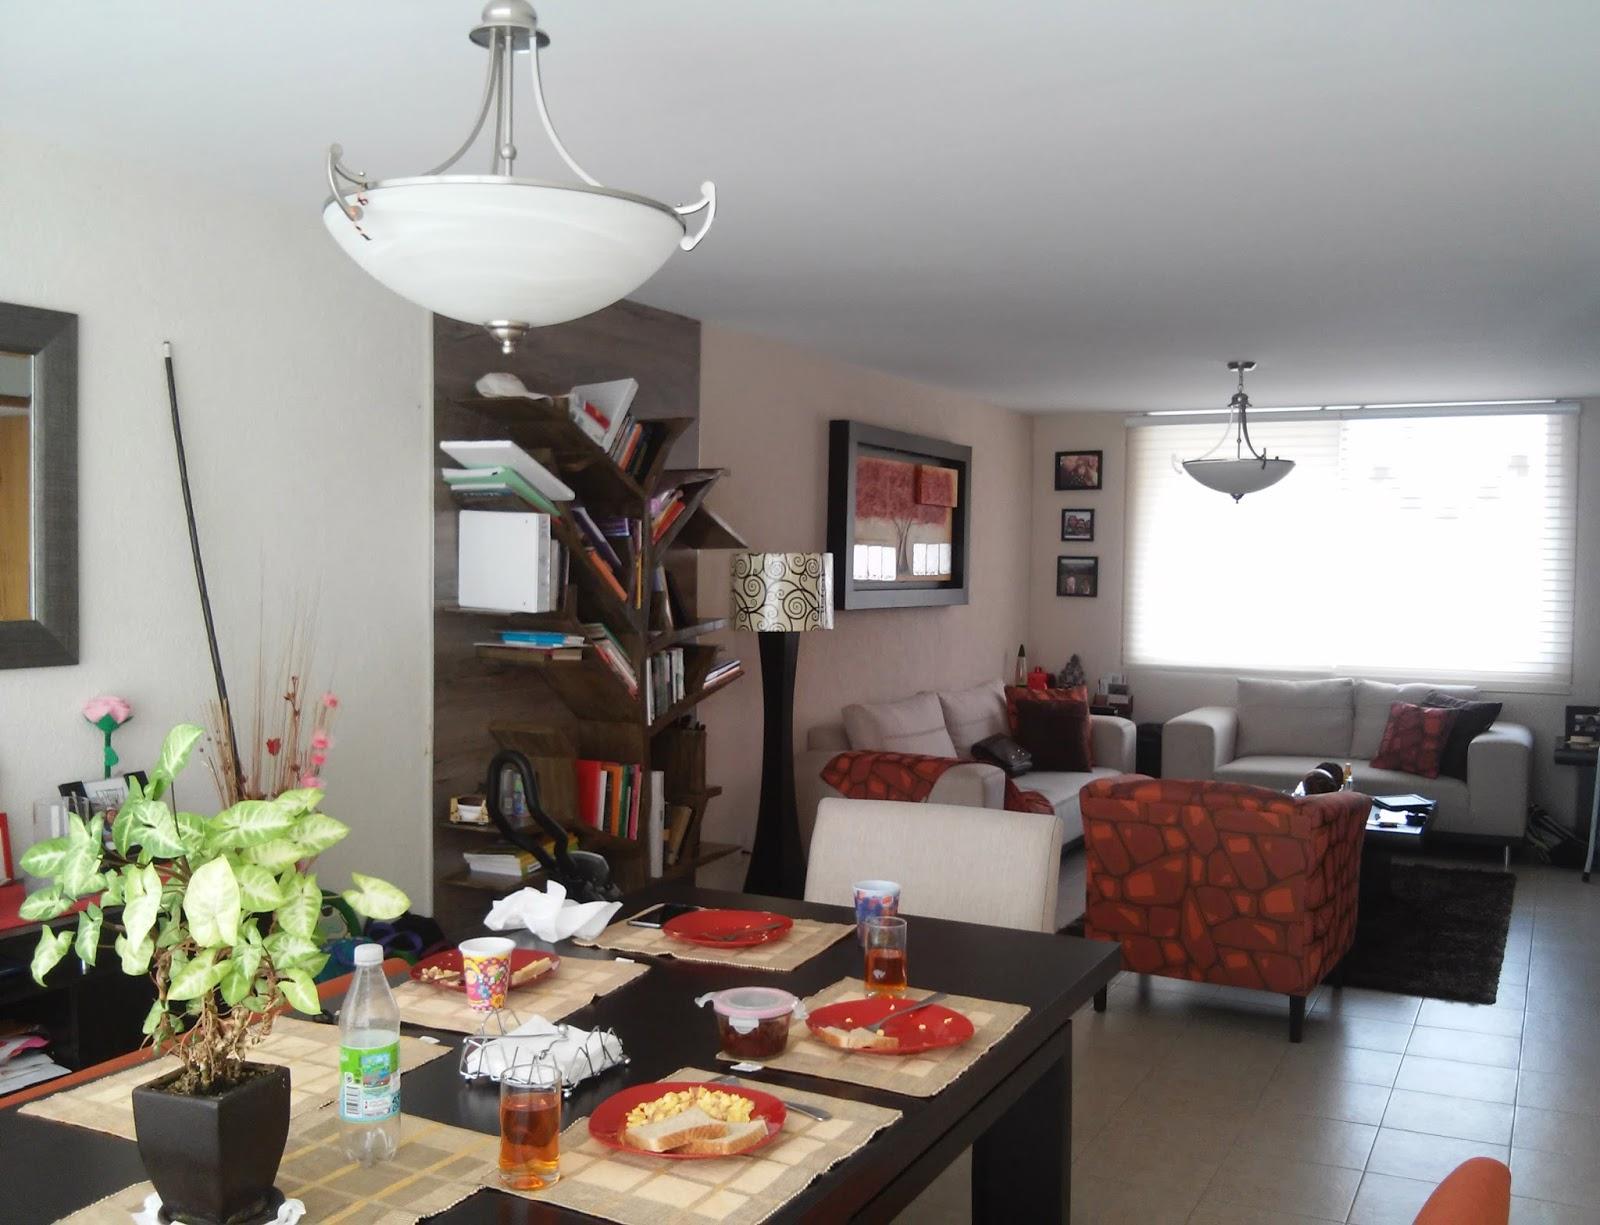 Proyectos de dise o decoraci n de interiores dise o y for Diseno de interiores apartamentos medellin